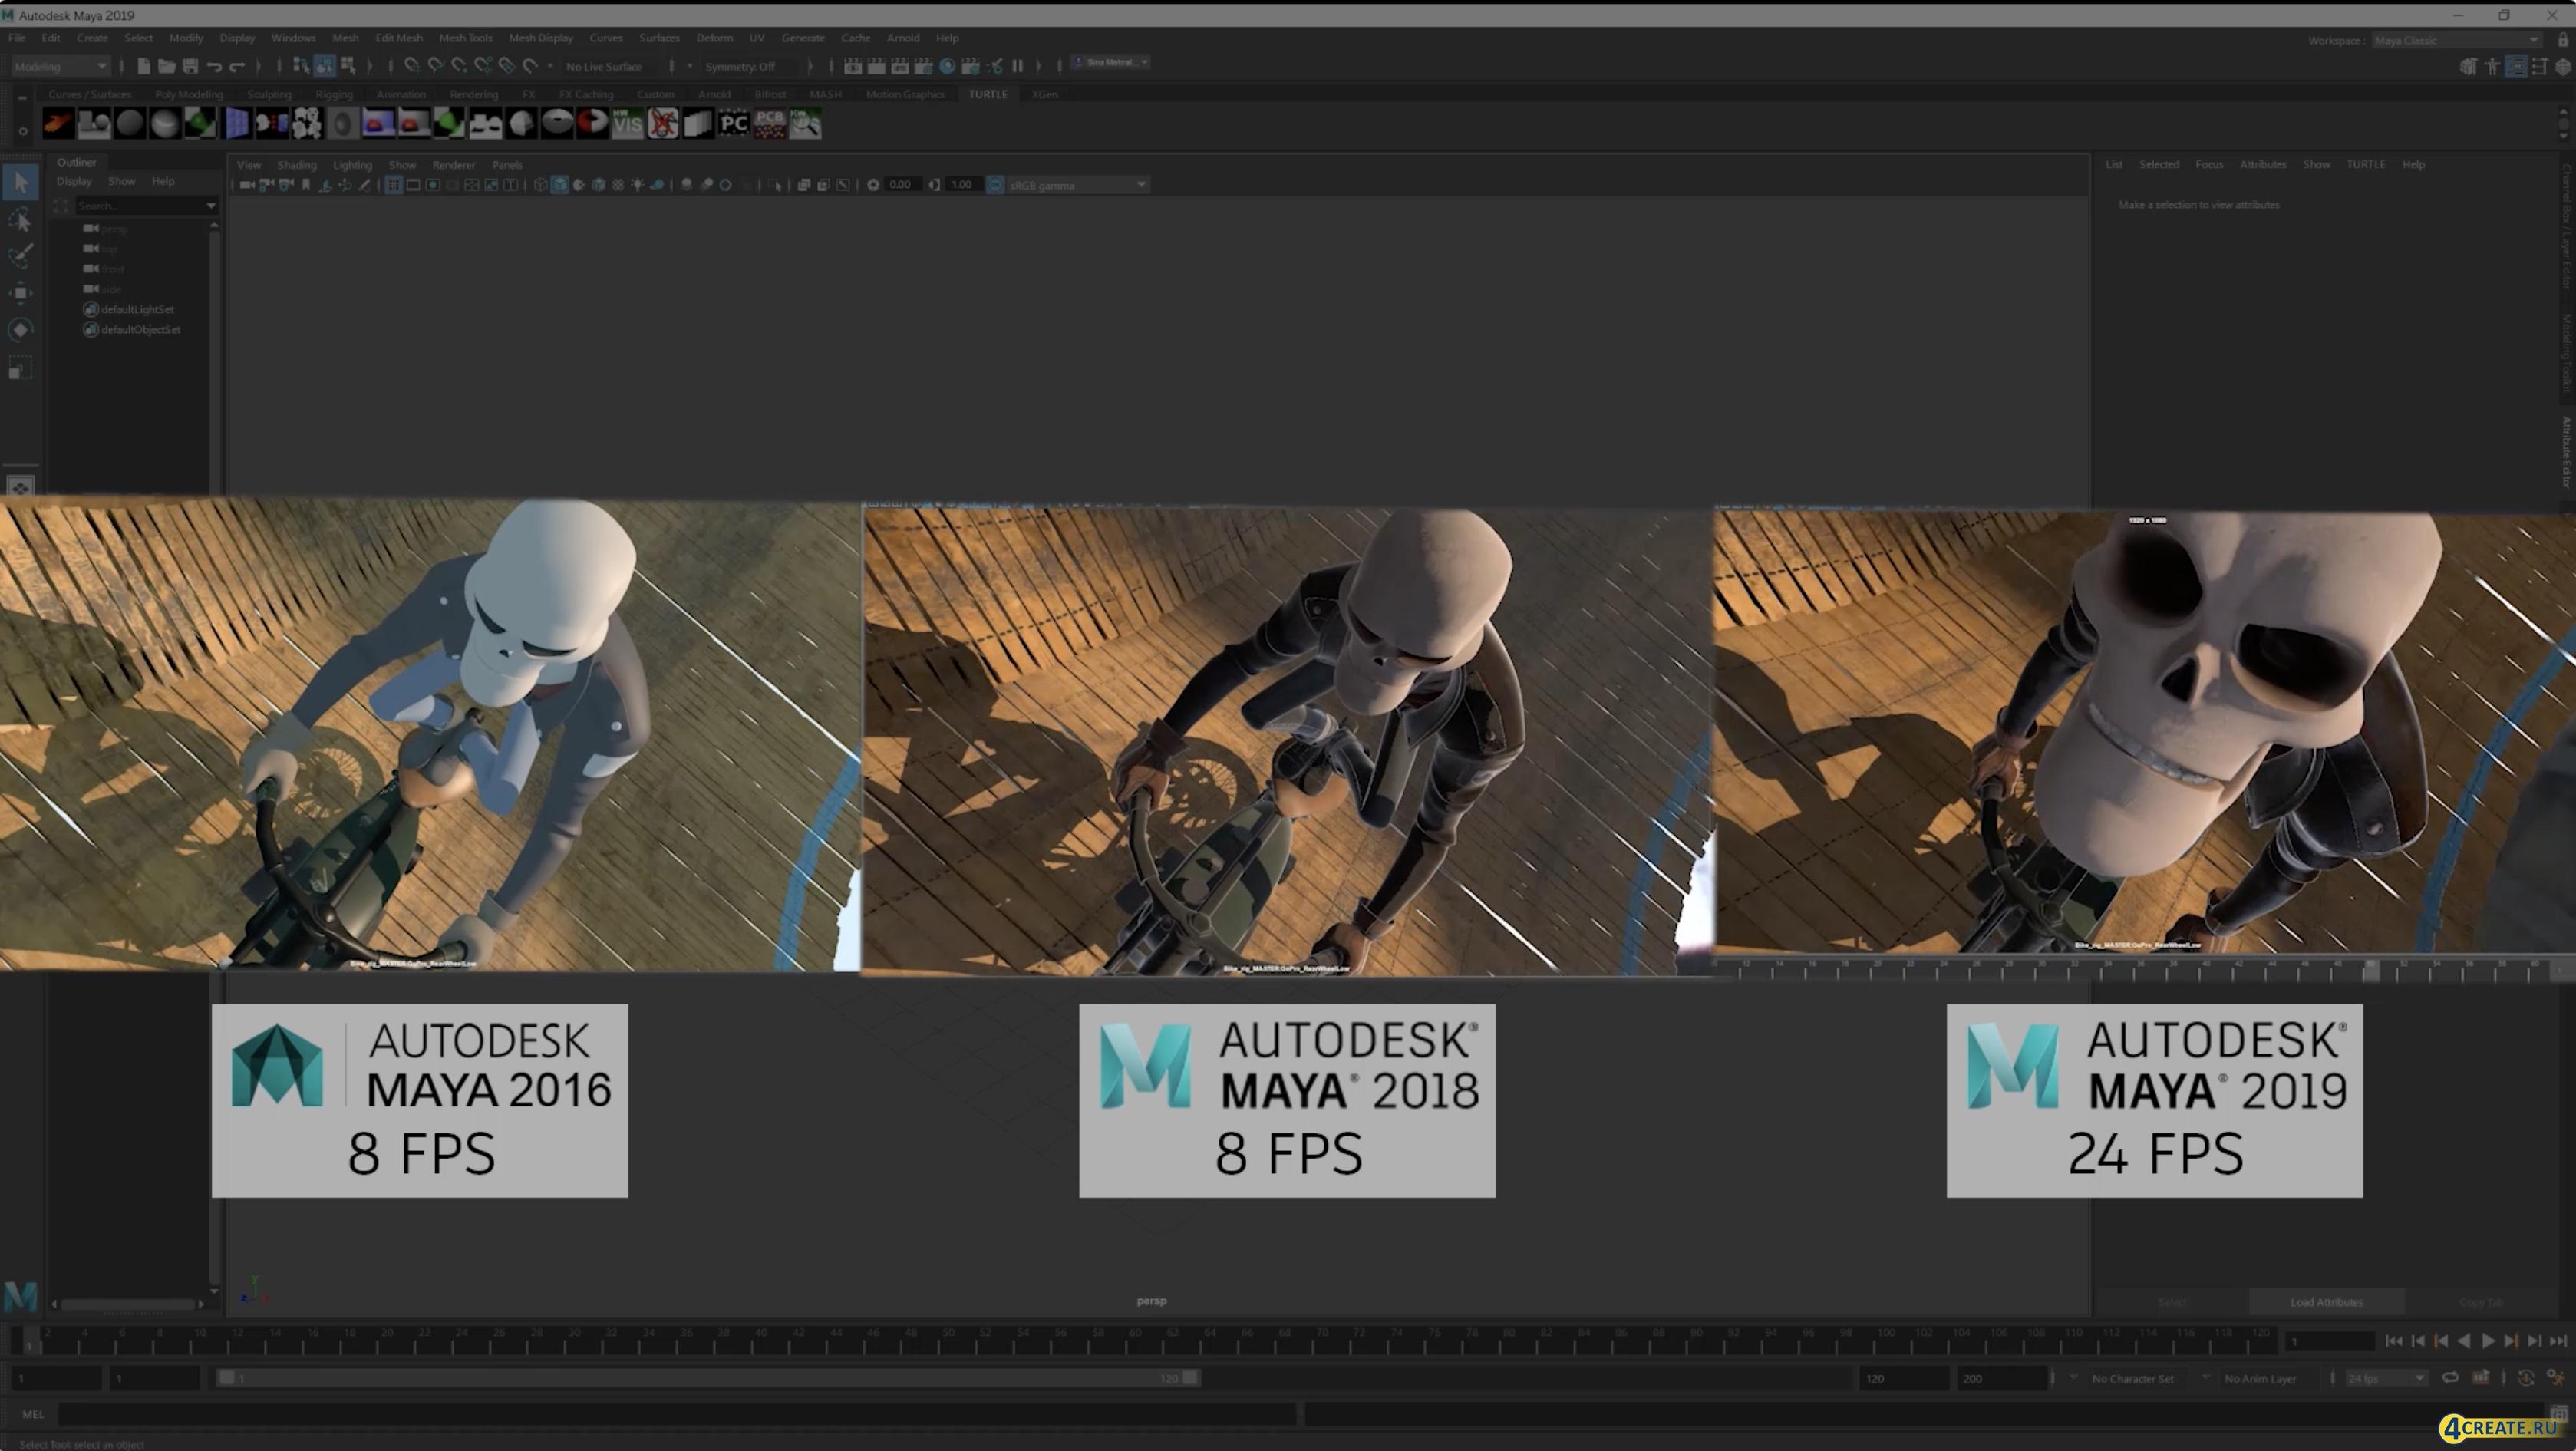 Autodesk Maya 2019 (Скриншот 1)